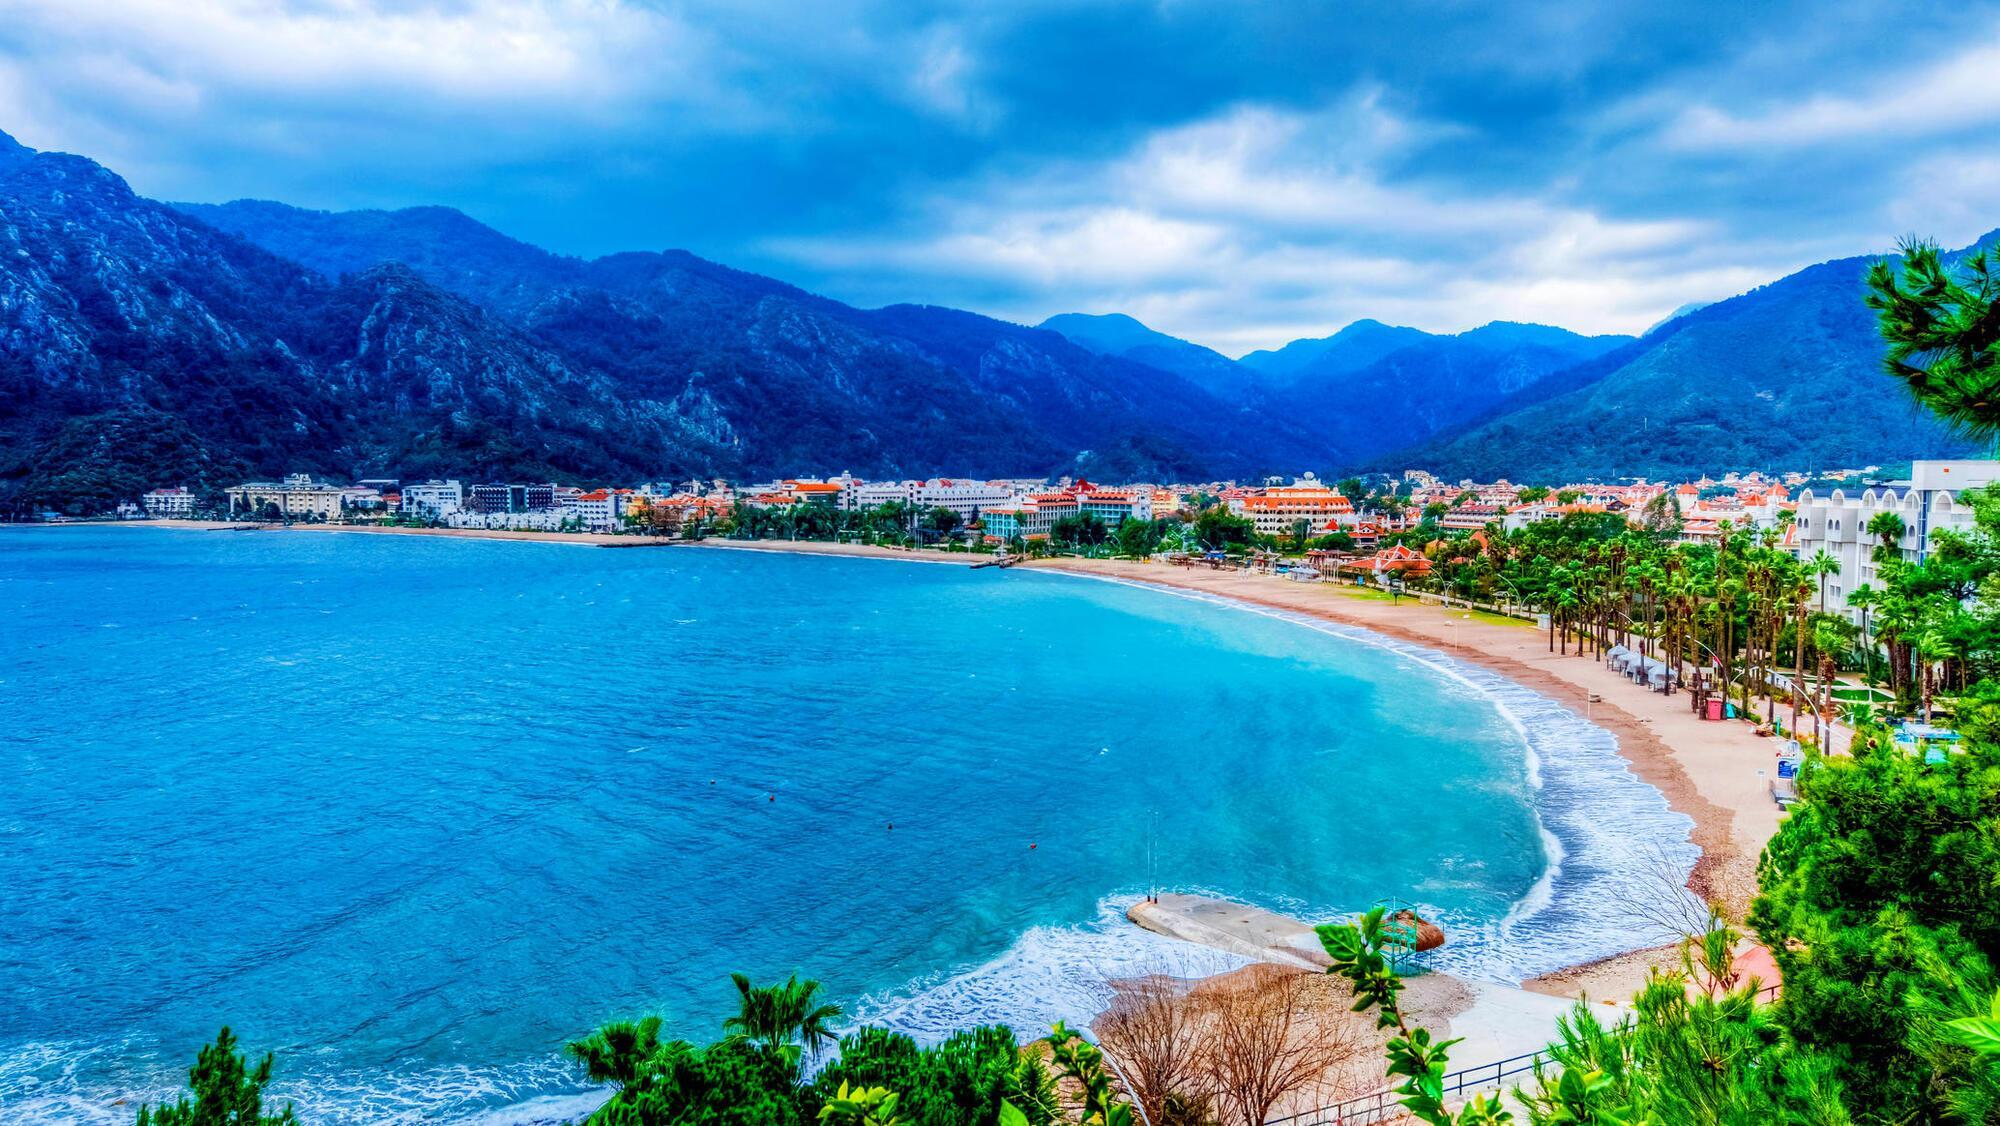 Городской пляж в Мармарисе занимает площадь 12 км